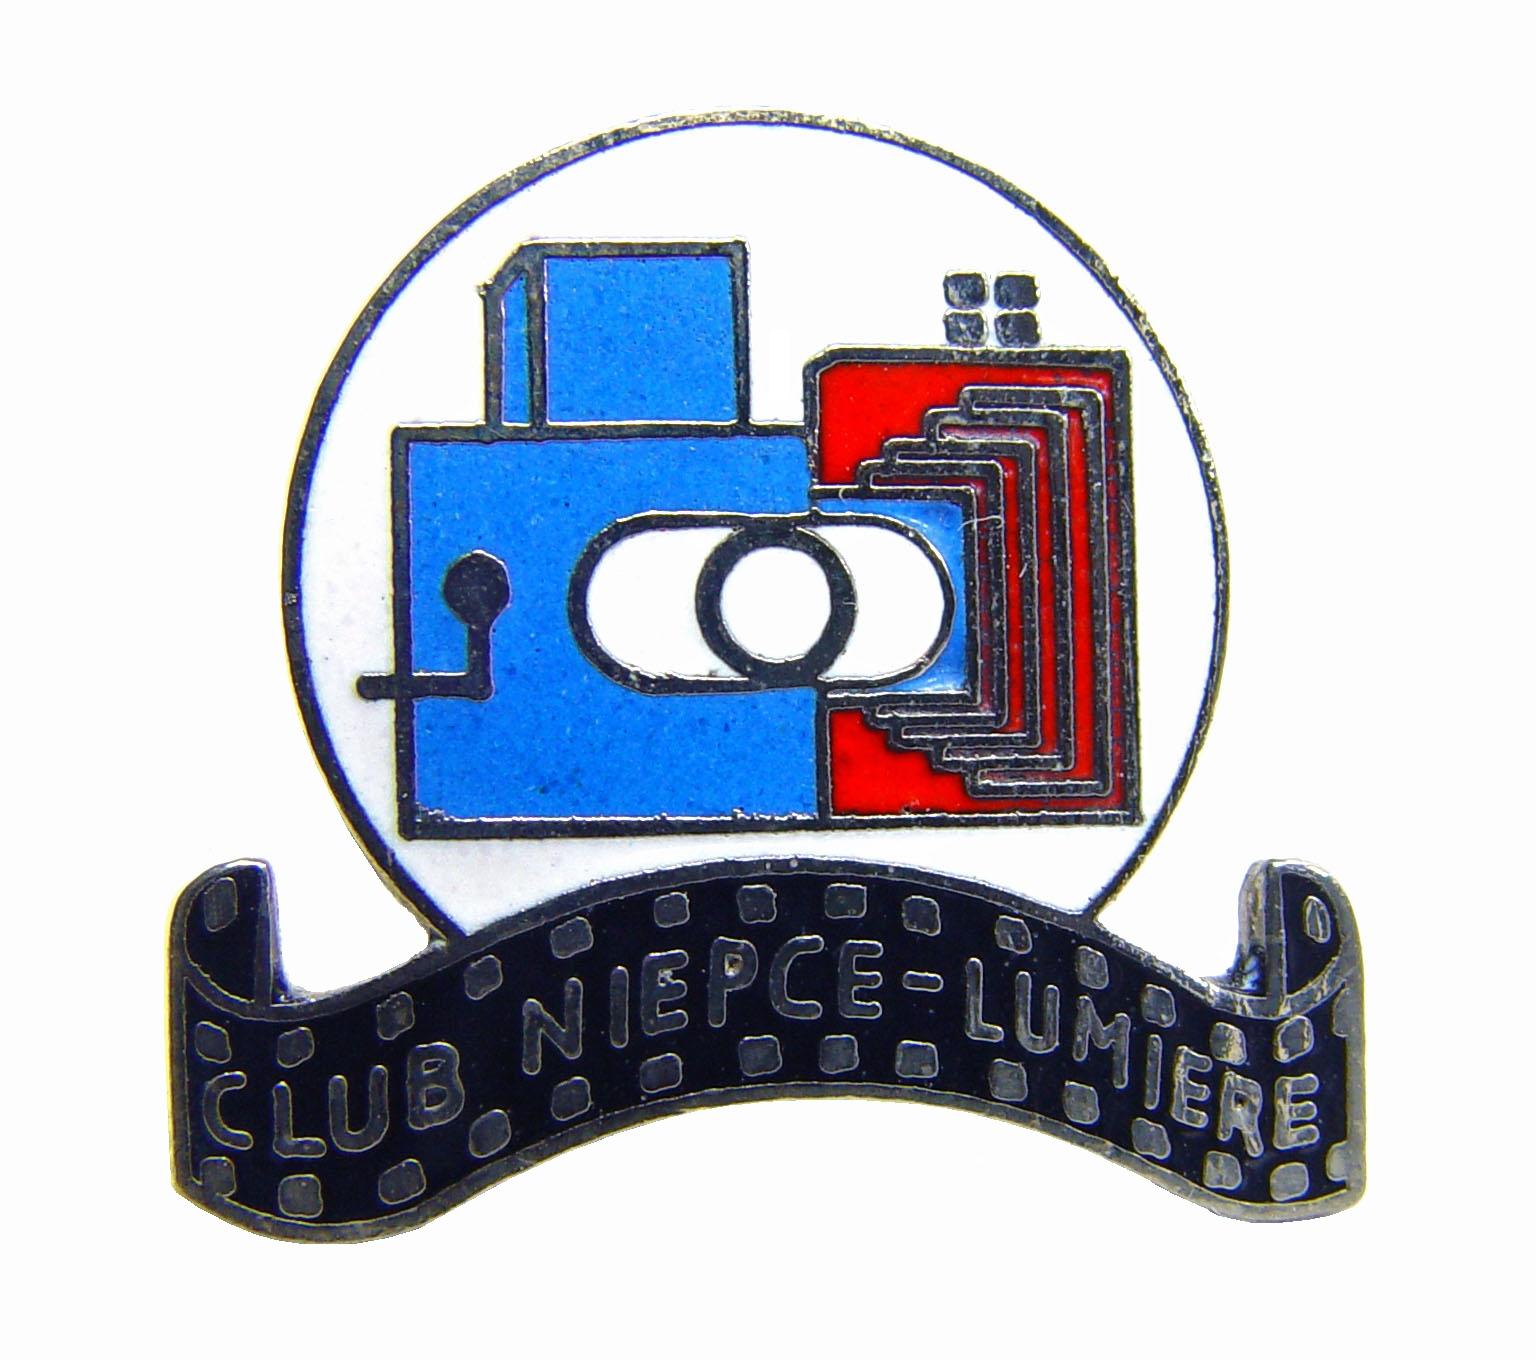 Club Niépce Lumière logo